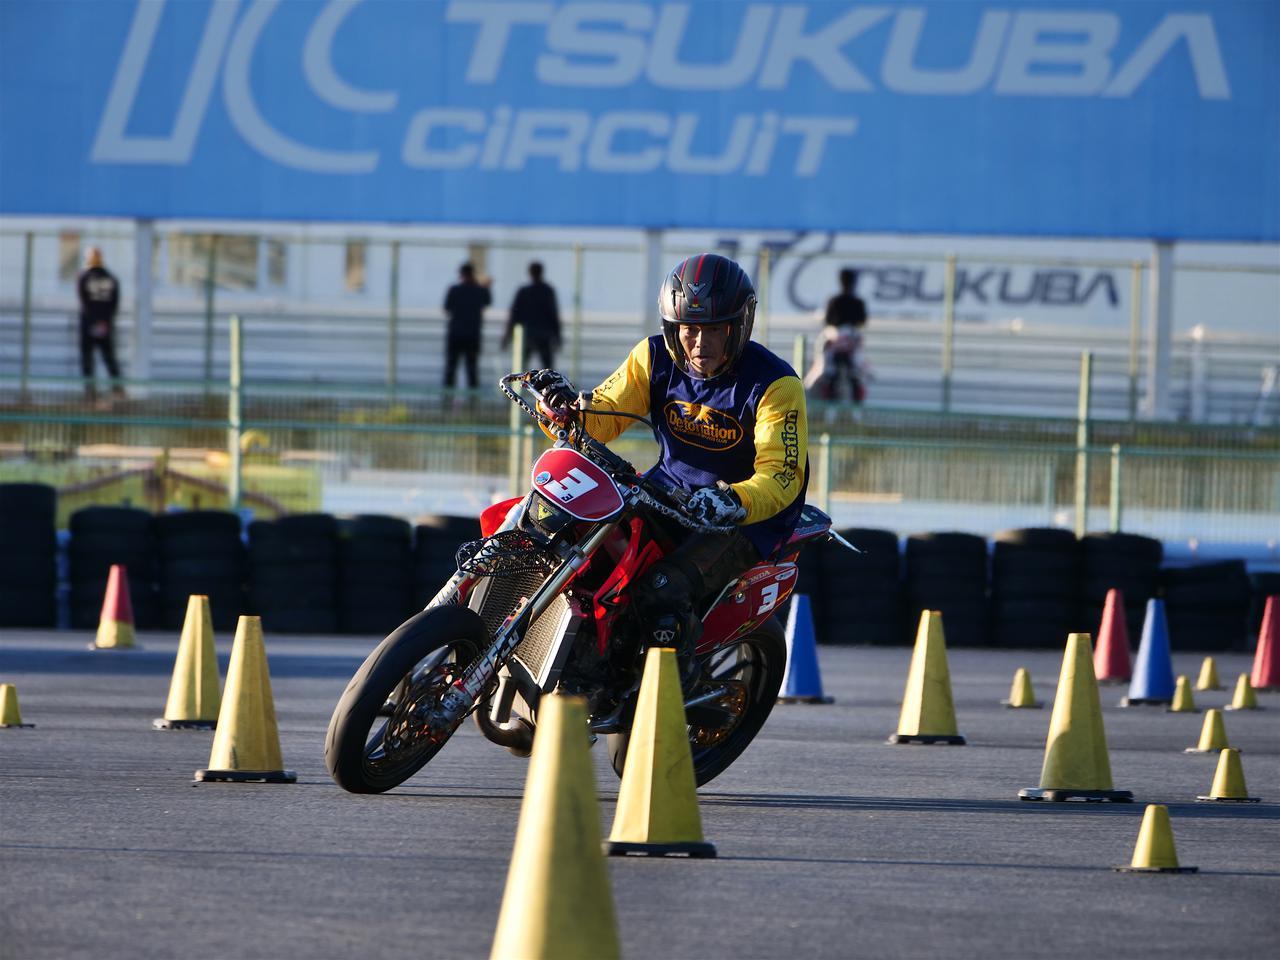 【オートバイ杯ジムカーナ】廣瀬選手、26年目のオートバイ杯初勝利!【第5戦・A級レポート】